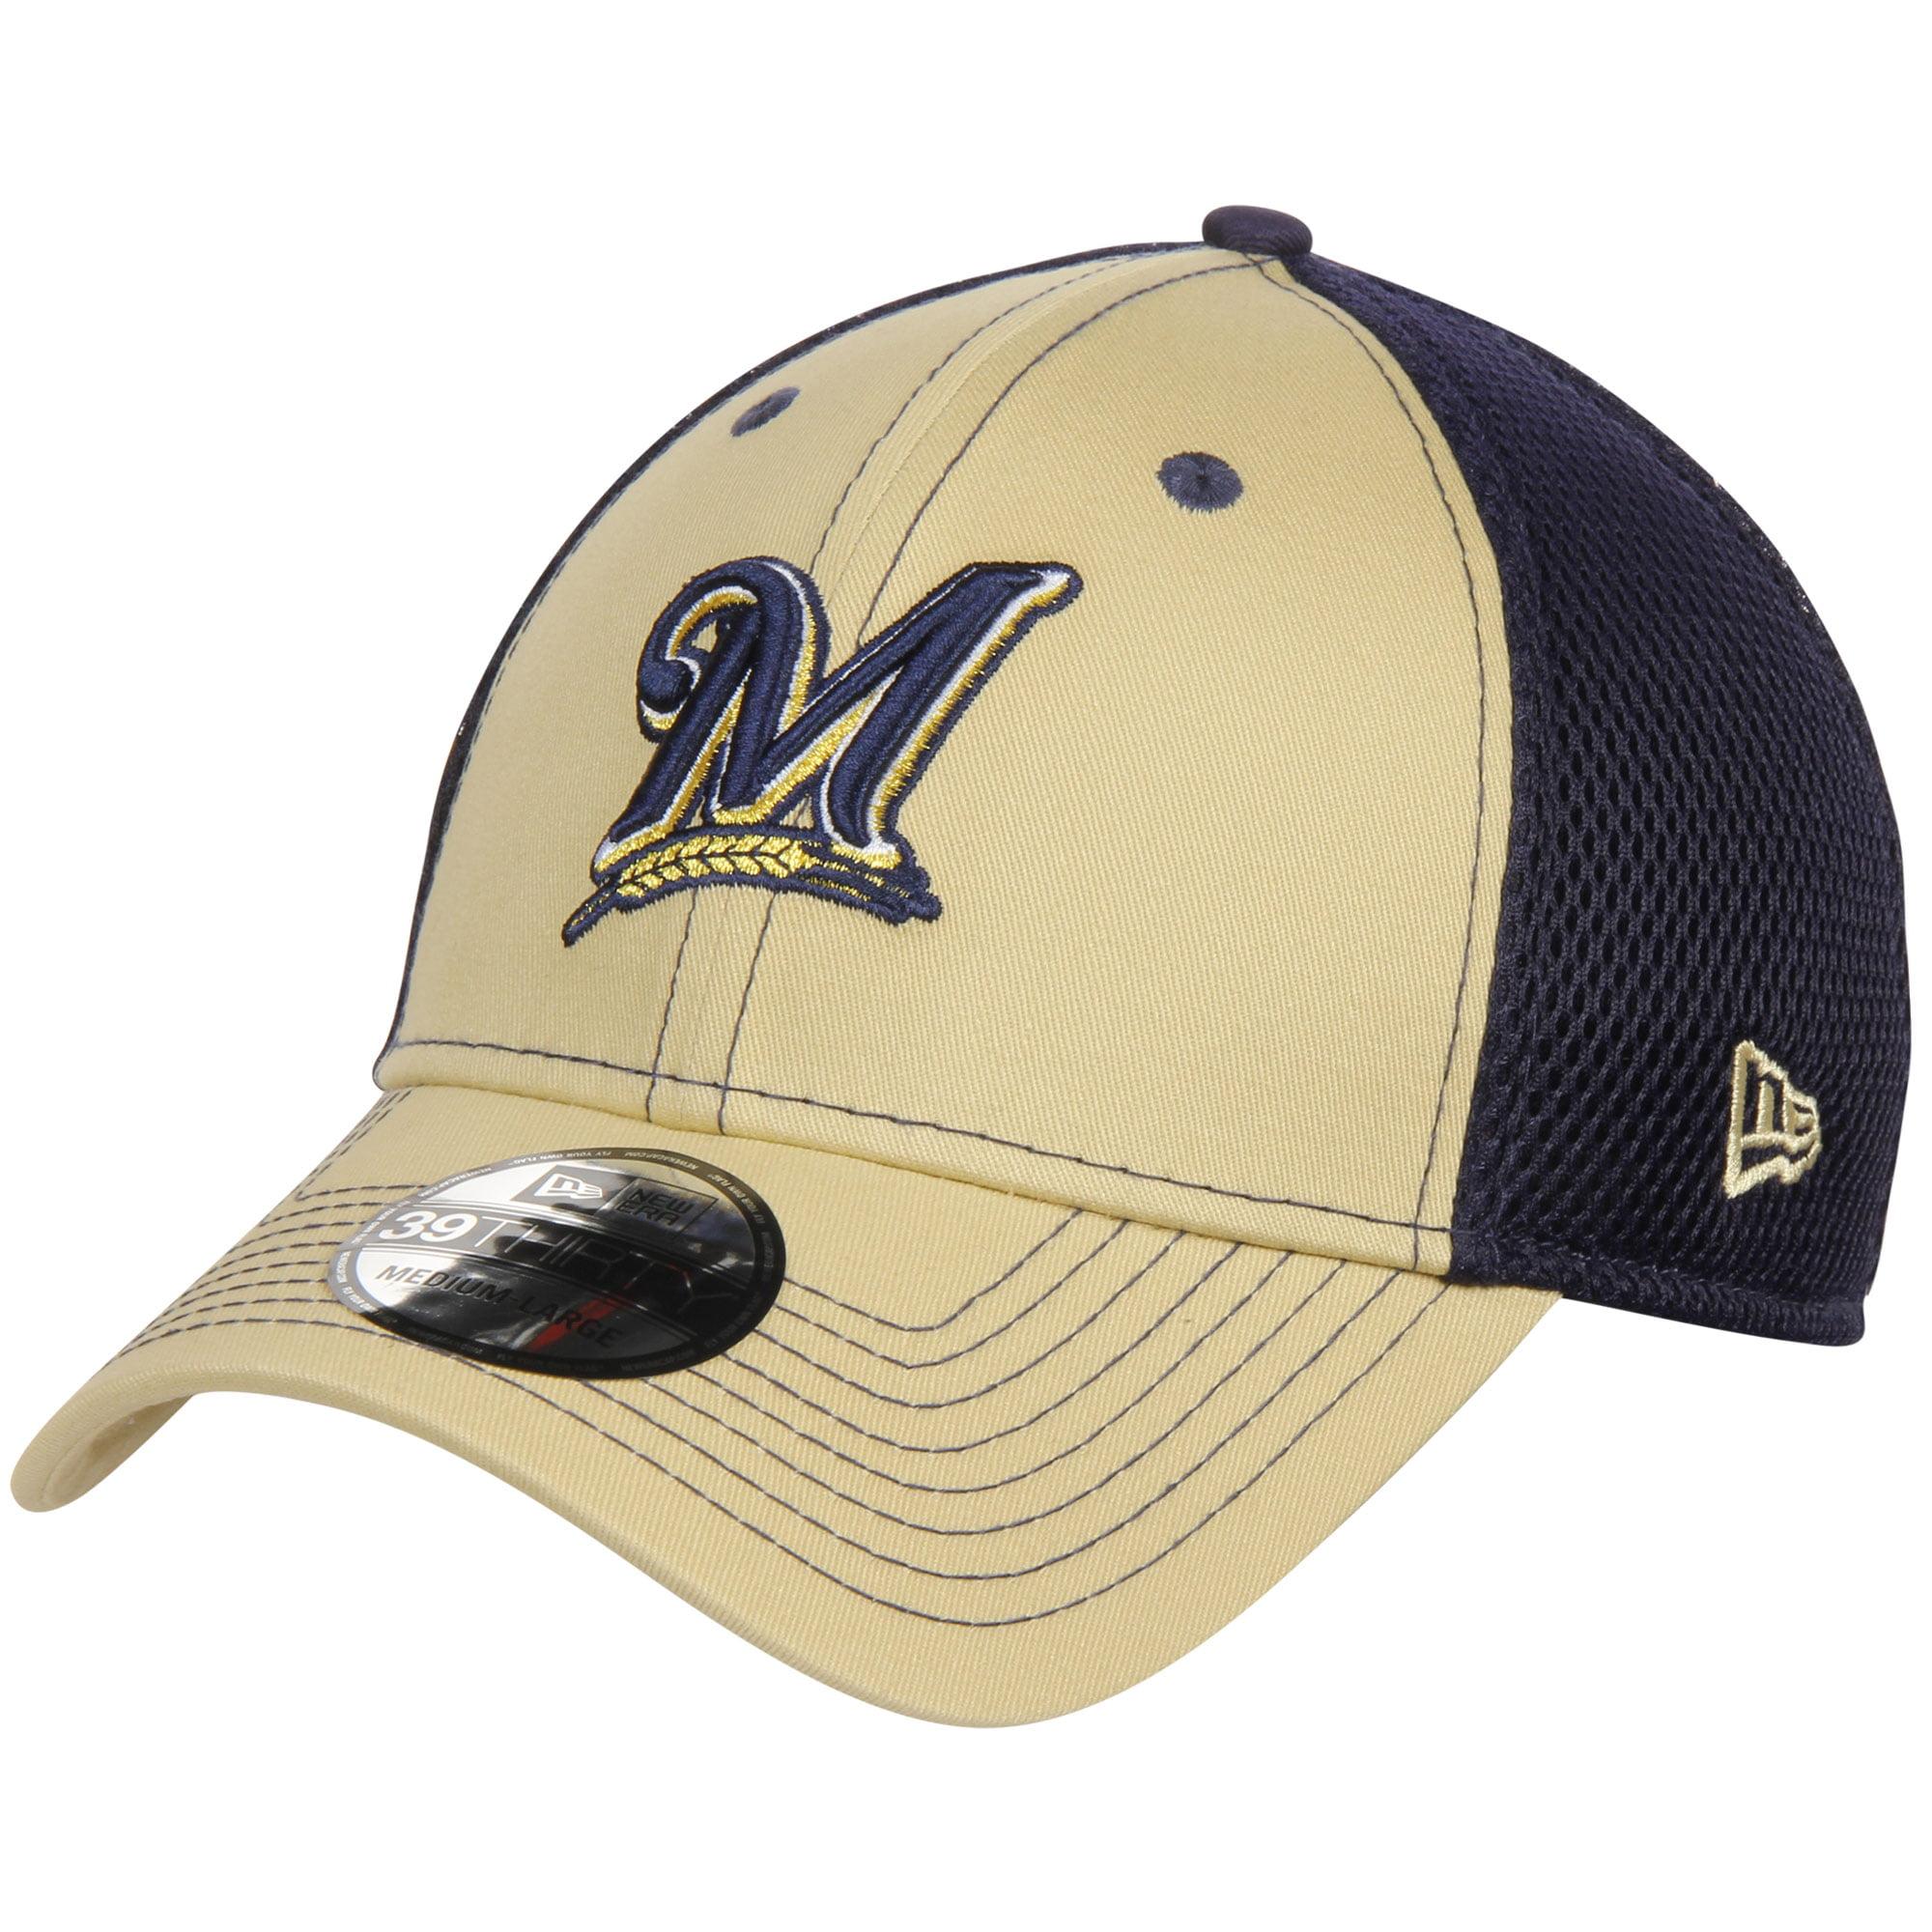 Milwaukee Brewers New Era Team Front Neo 39THIRTY Flex Hat - Gold/Navy